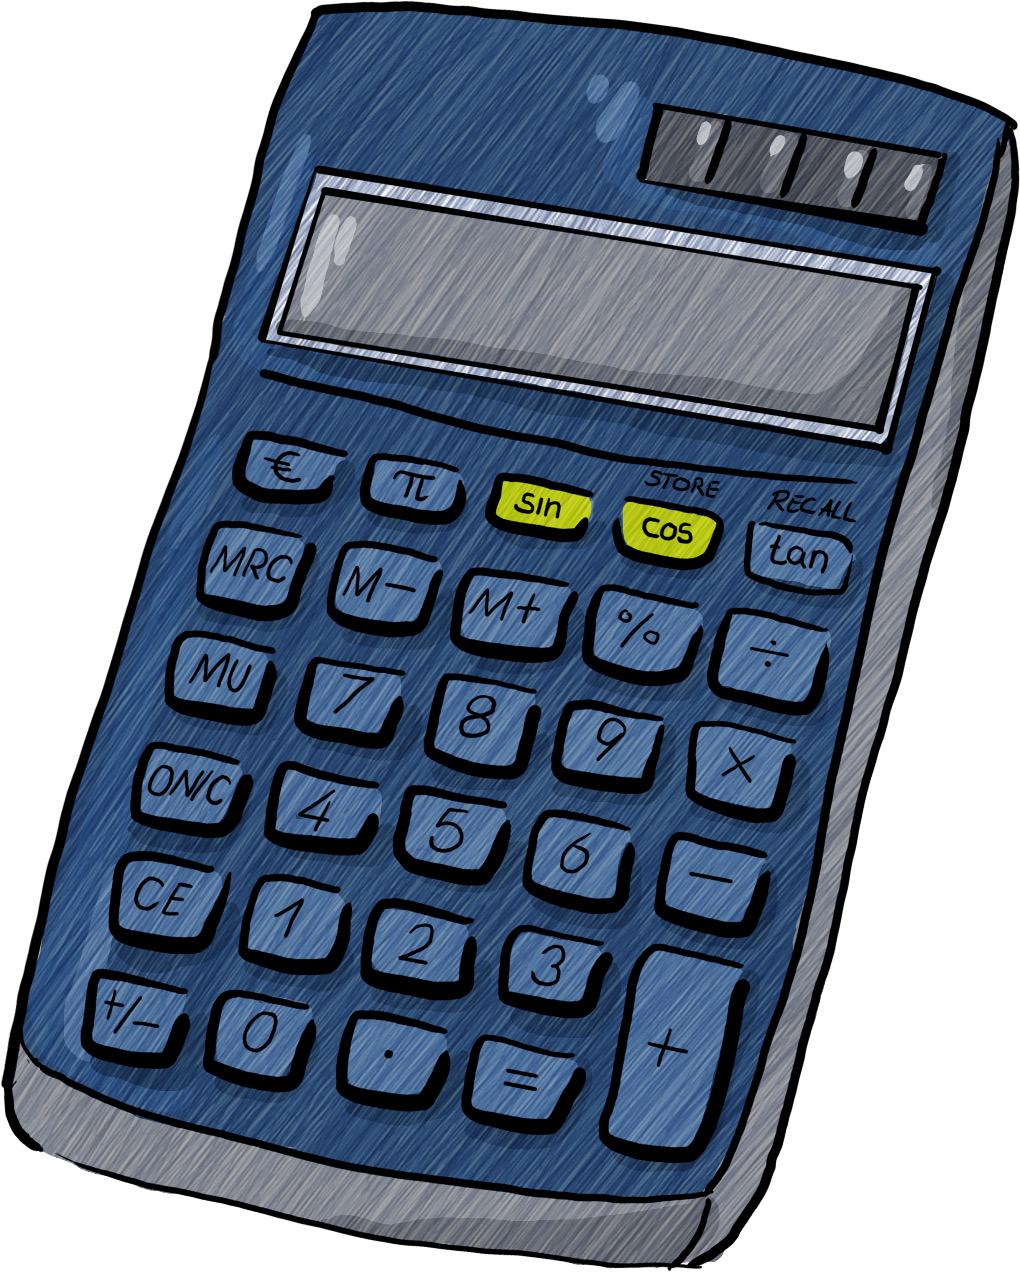 1008_Taschenrechner.jpg